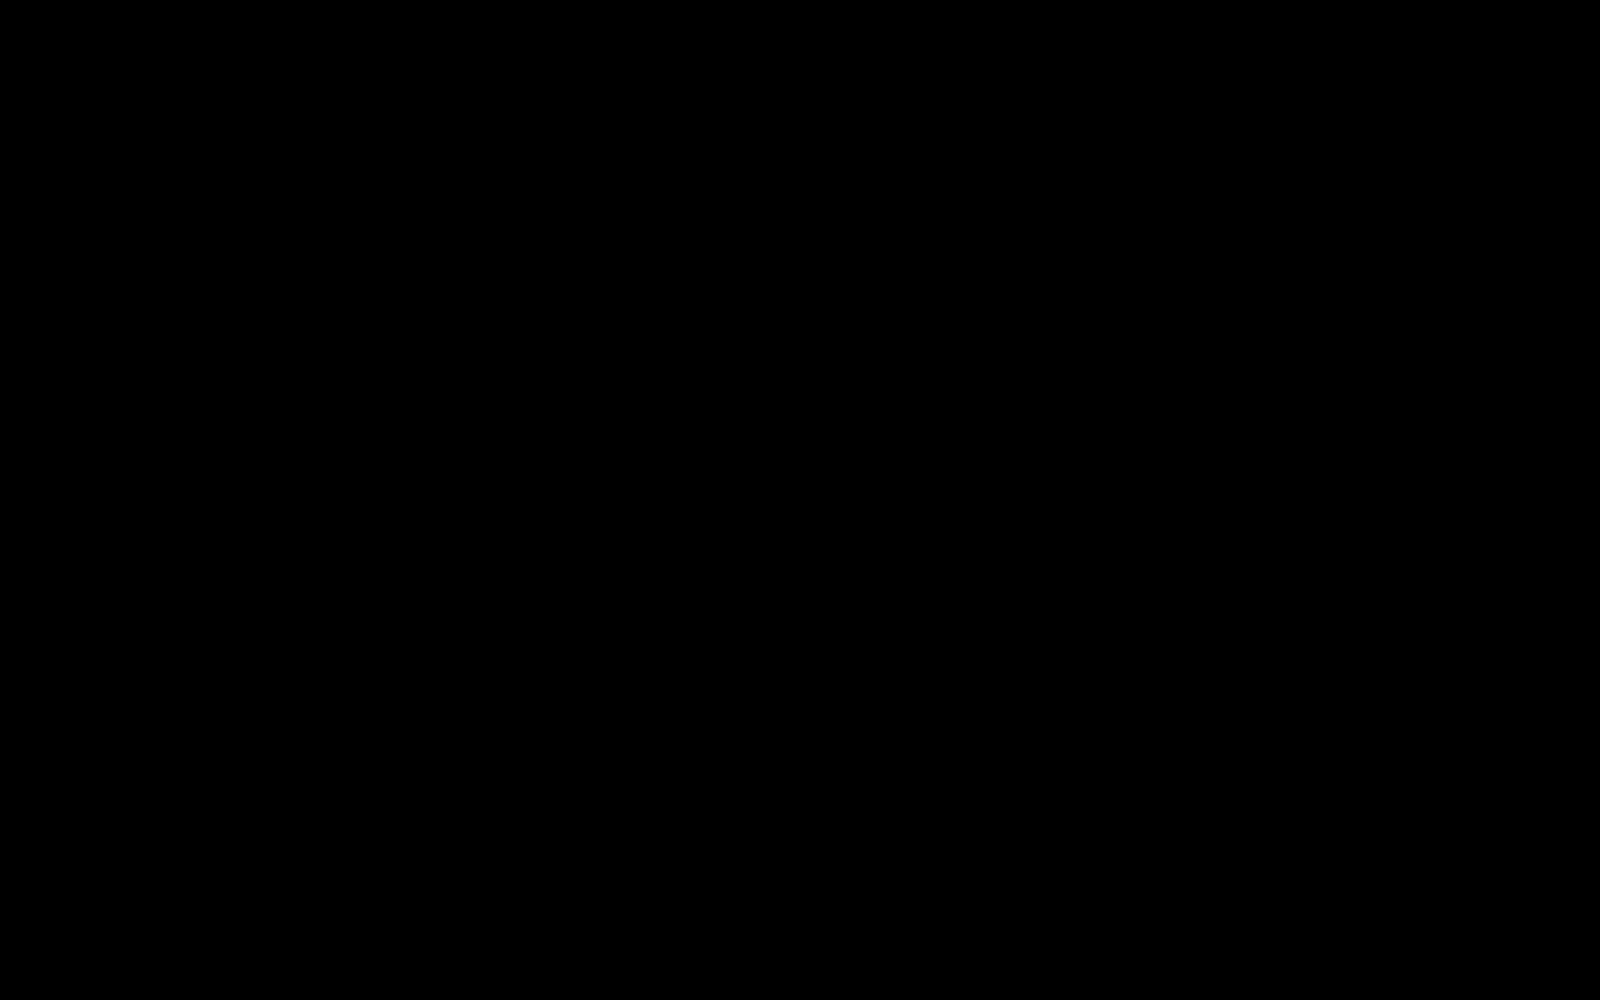 WDW Creative har stor frihet i formen för Grammis-galan och typsnitten varierar ned uttrycket från år till år. Bild: WDW Creative.